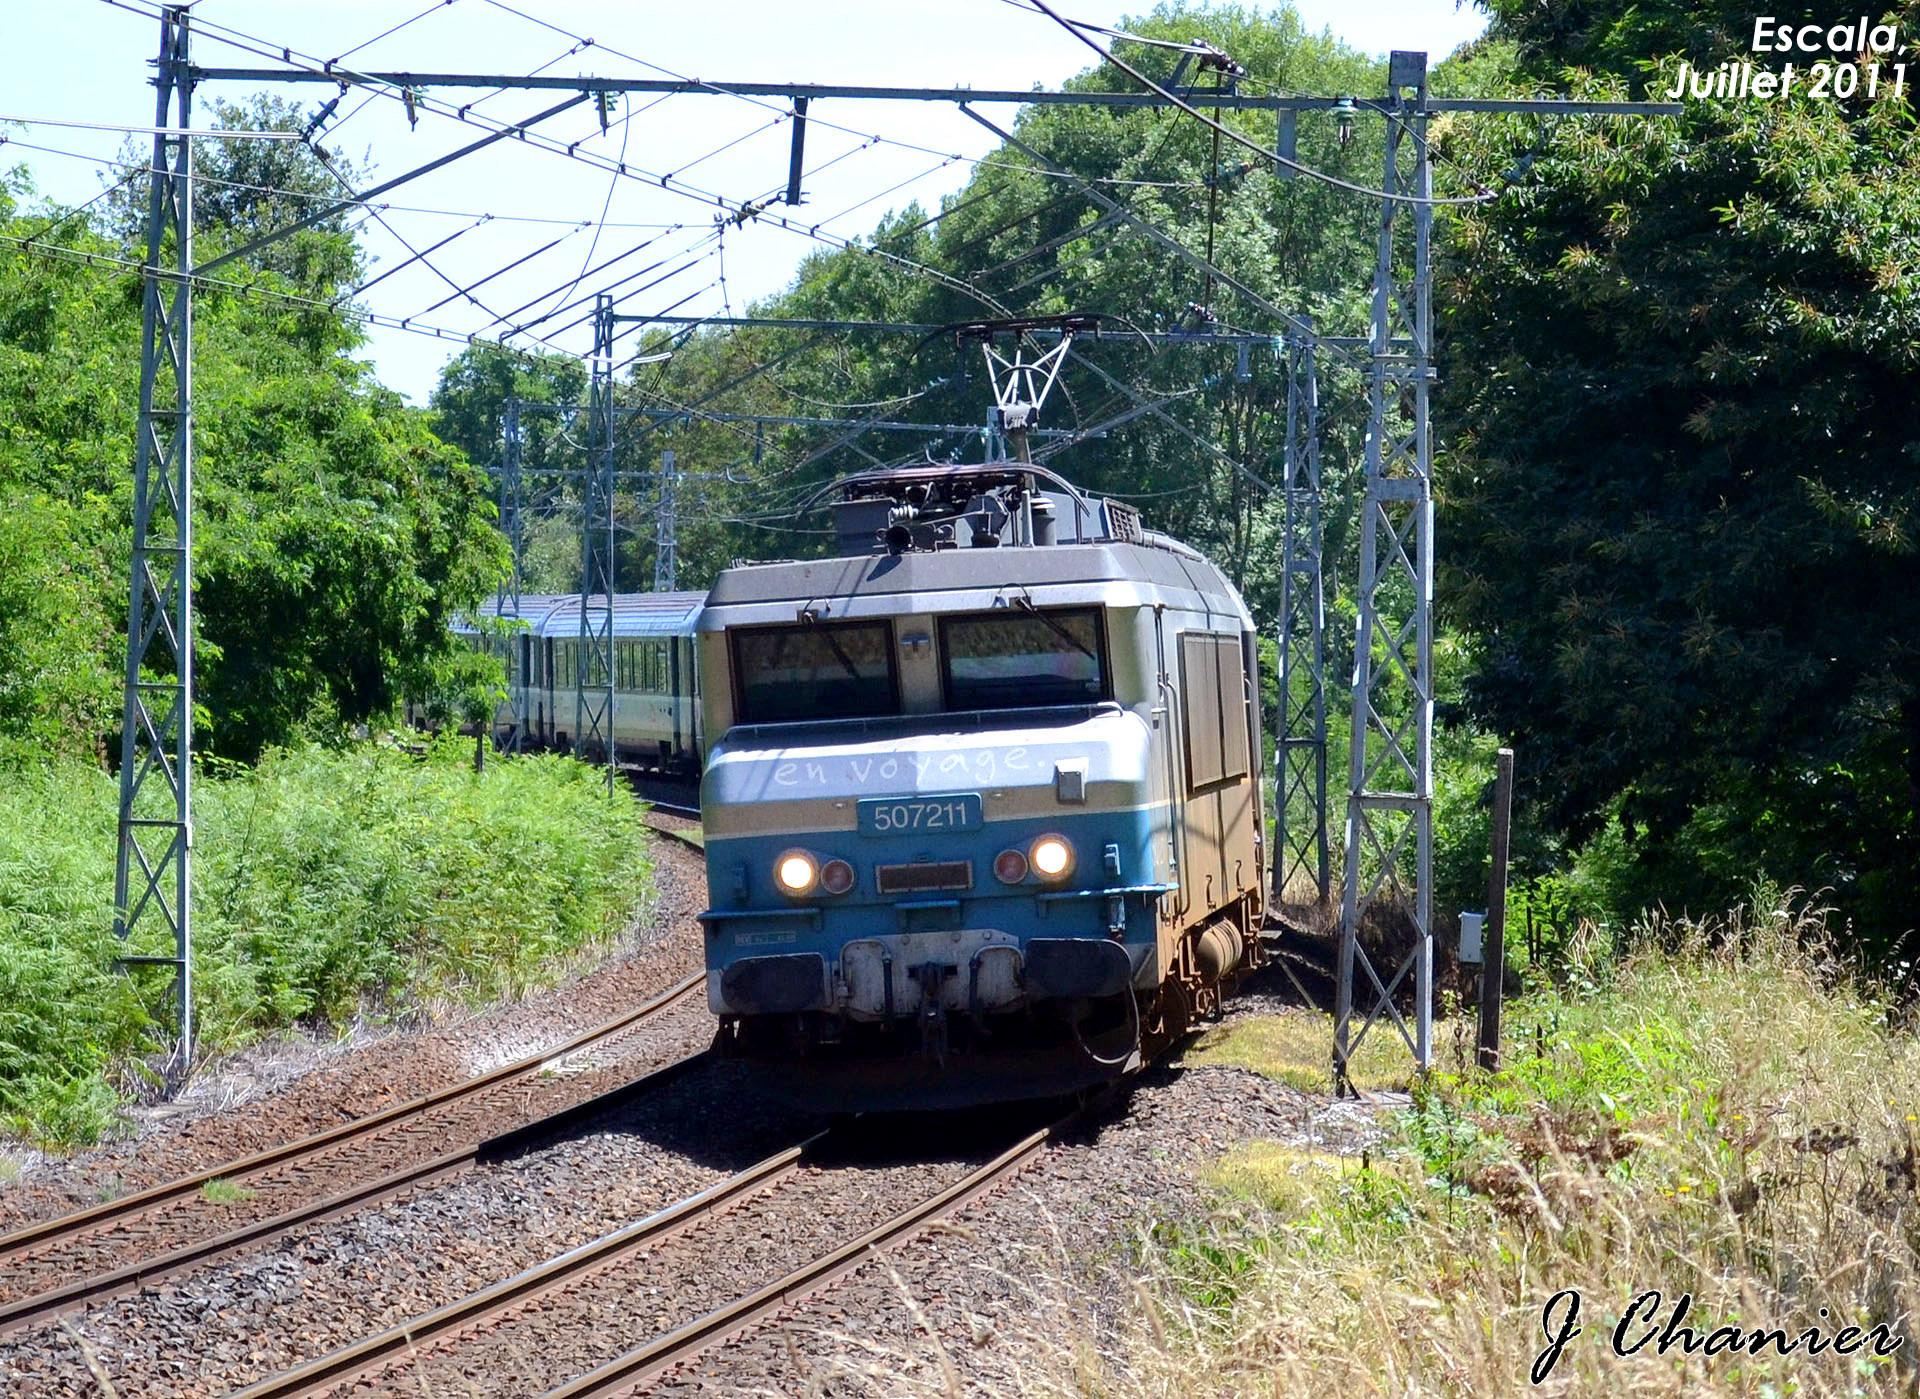 Album Photos sur la Transervale Pyrénéenne (Tome 1) - Page 2 593548CICTEBYE7211ESCALA